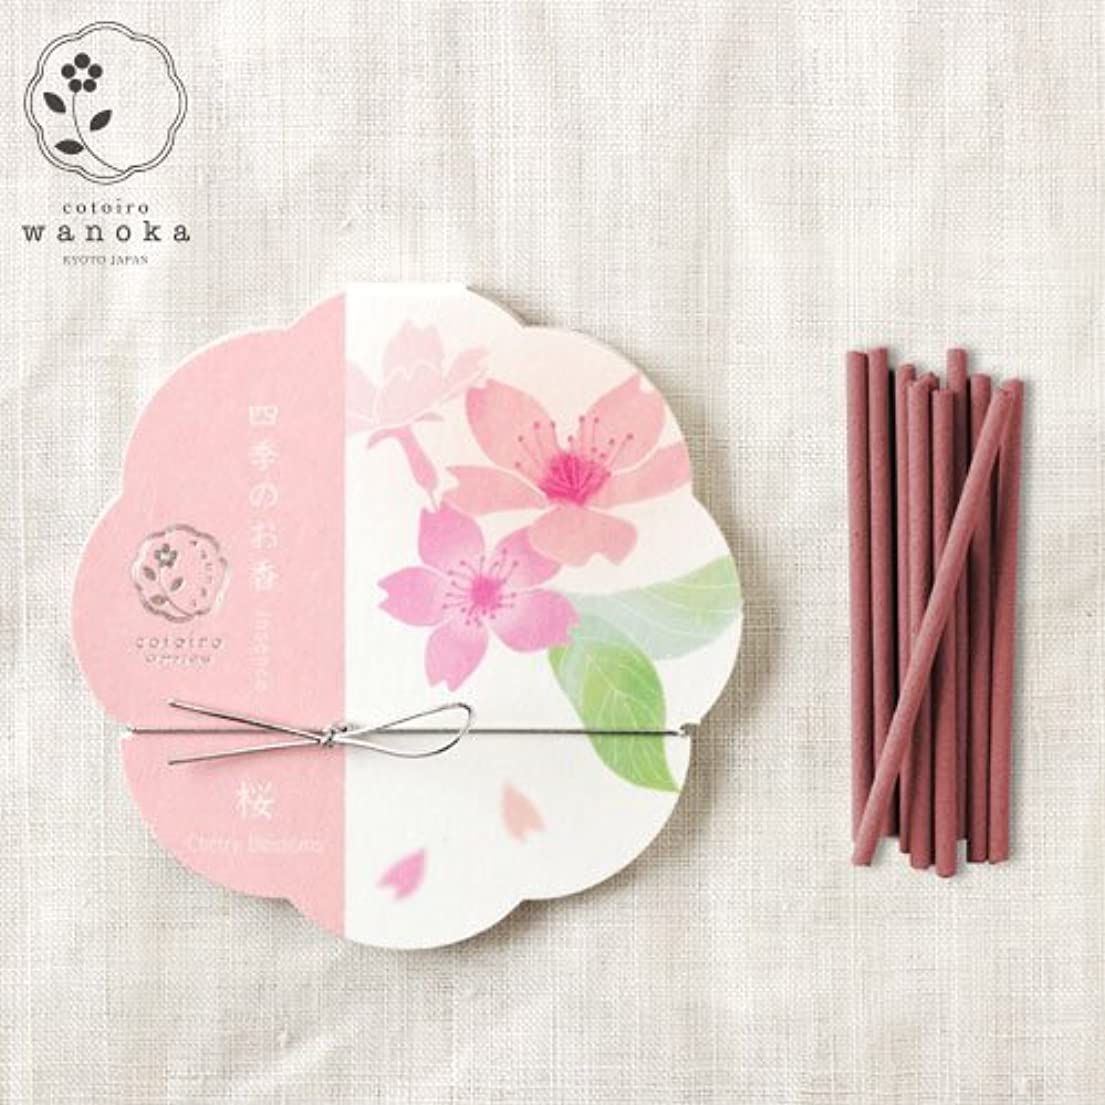 ペルソナ指湿原wanoka四季のお香(インセンス)桜《桜をイメージした甘い香り》ART LABIncense stick